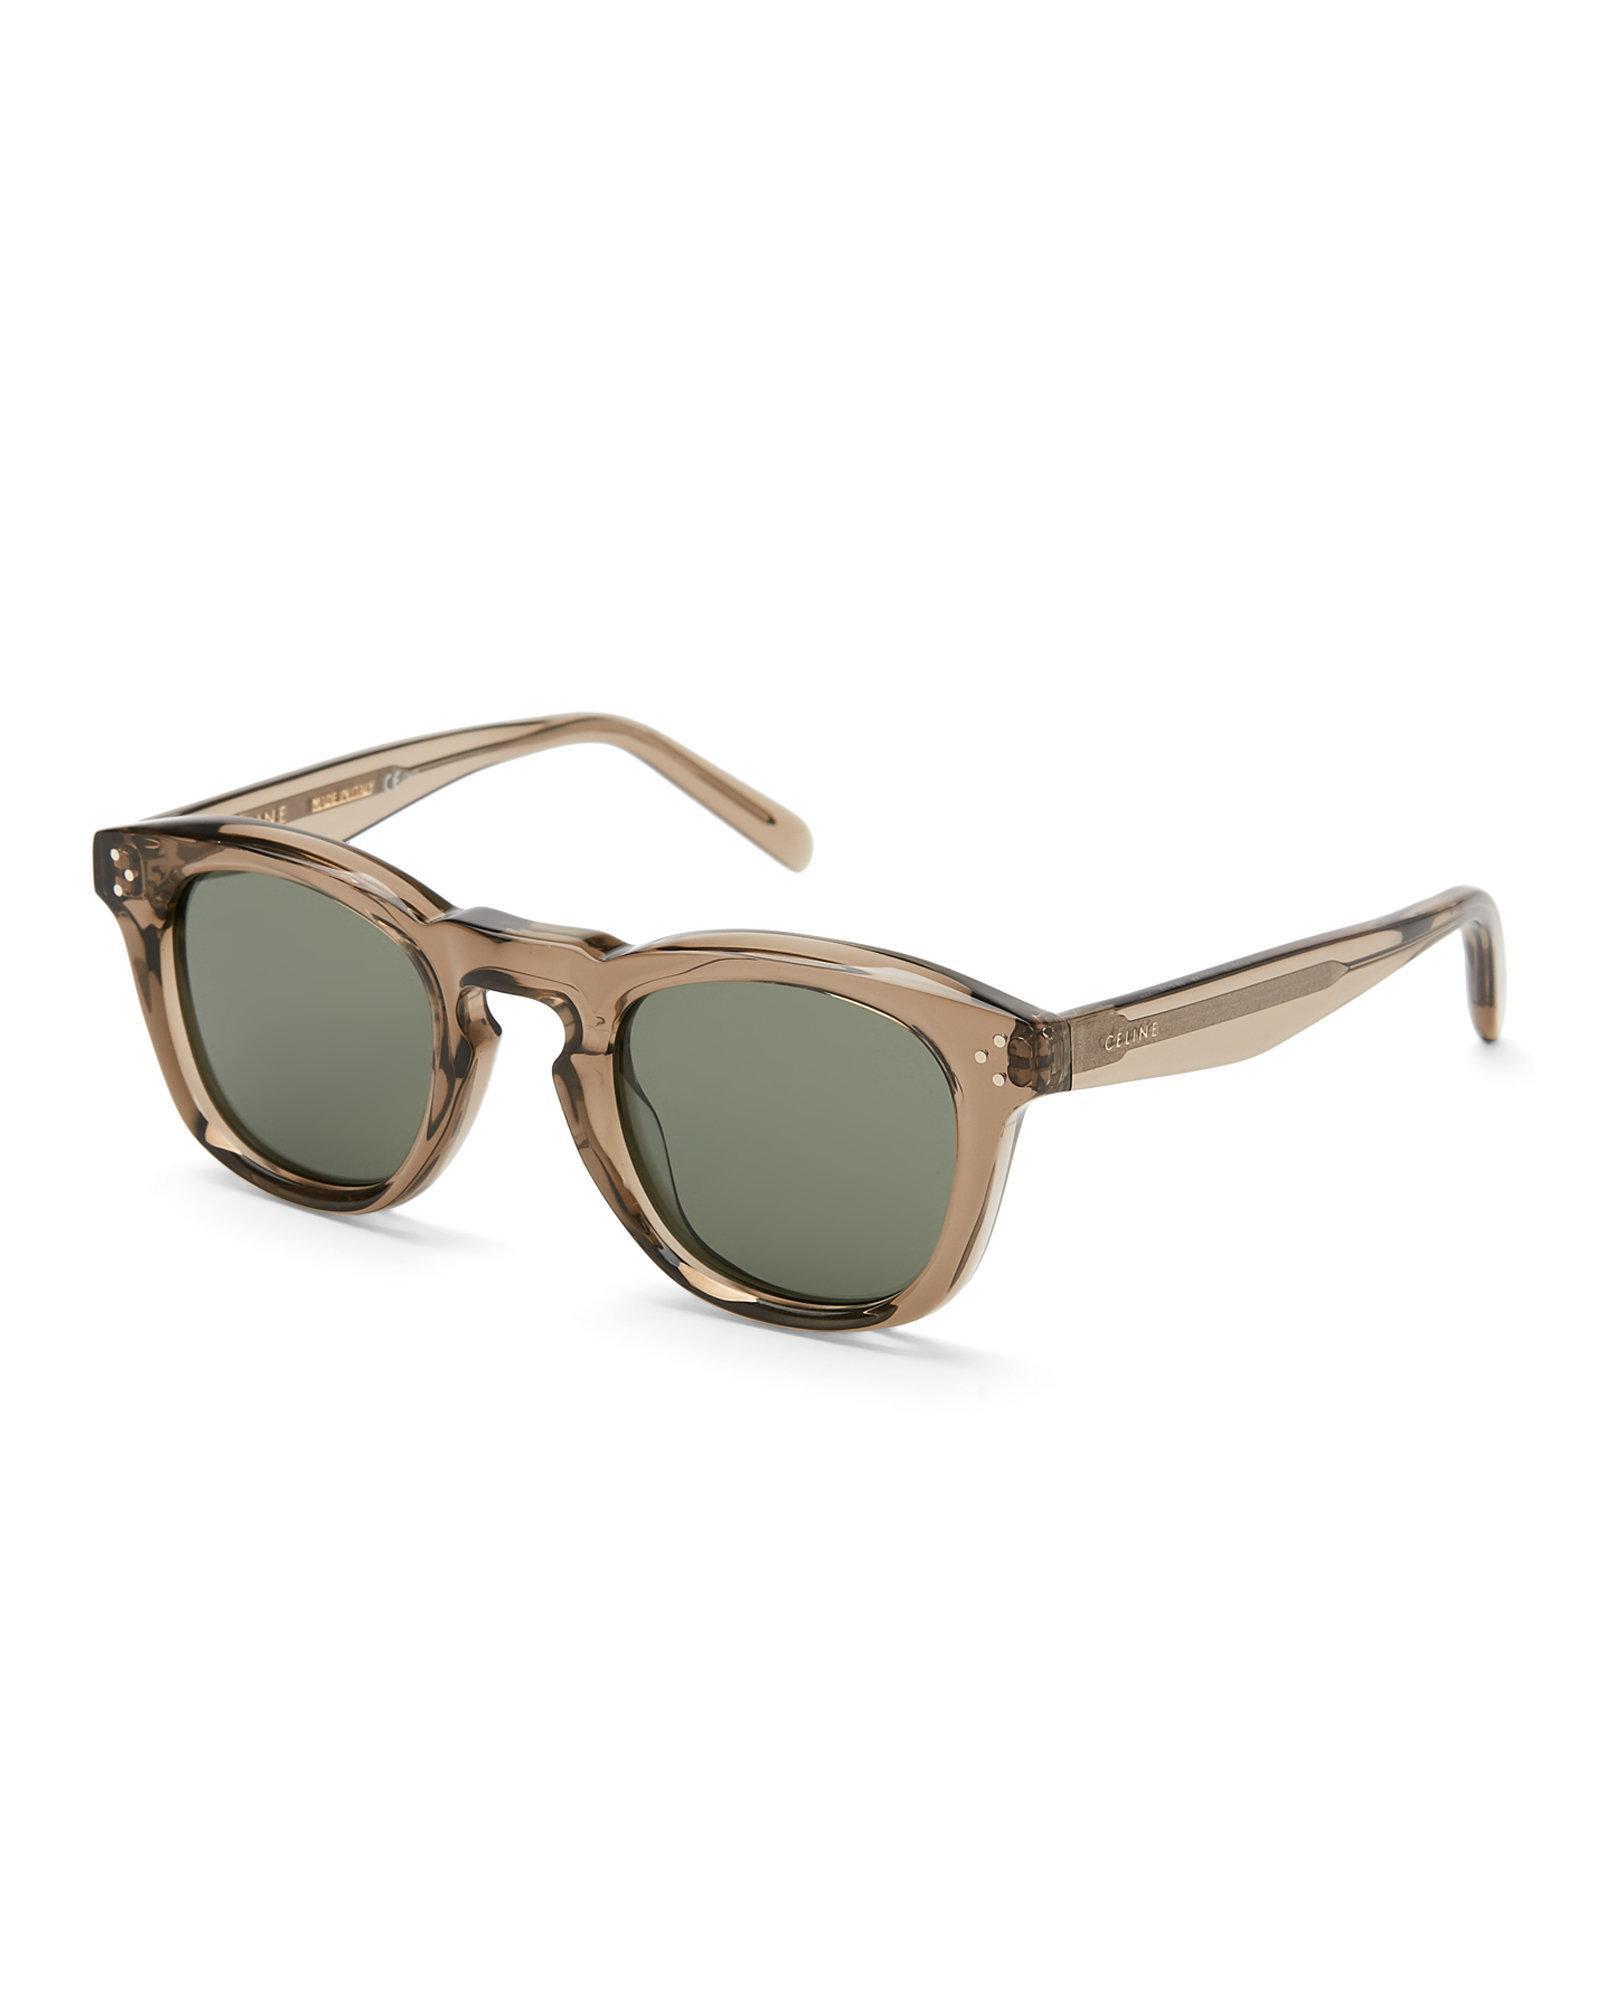 1e725a73c27 Lyst - Céline Cl 41371 S Black Round Sunglasses